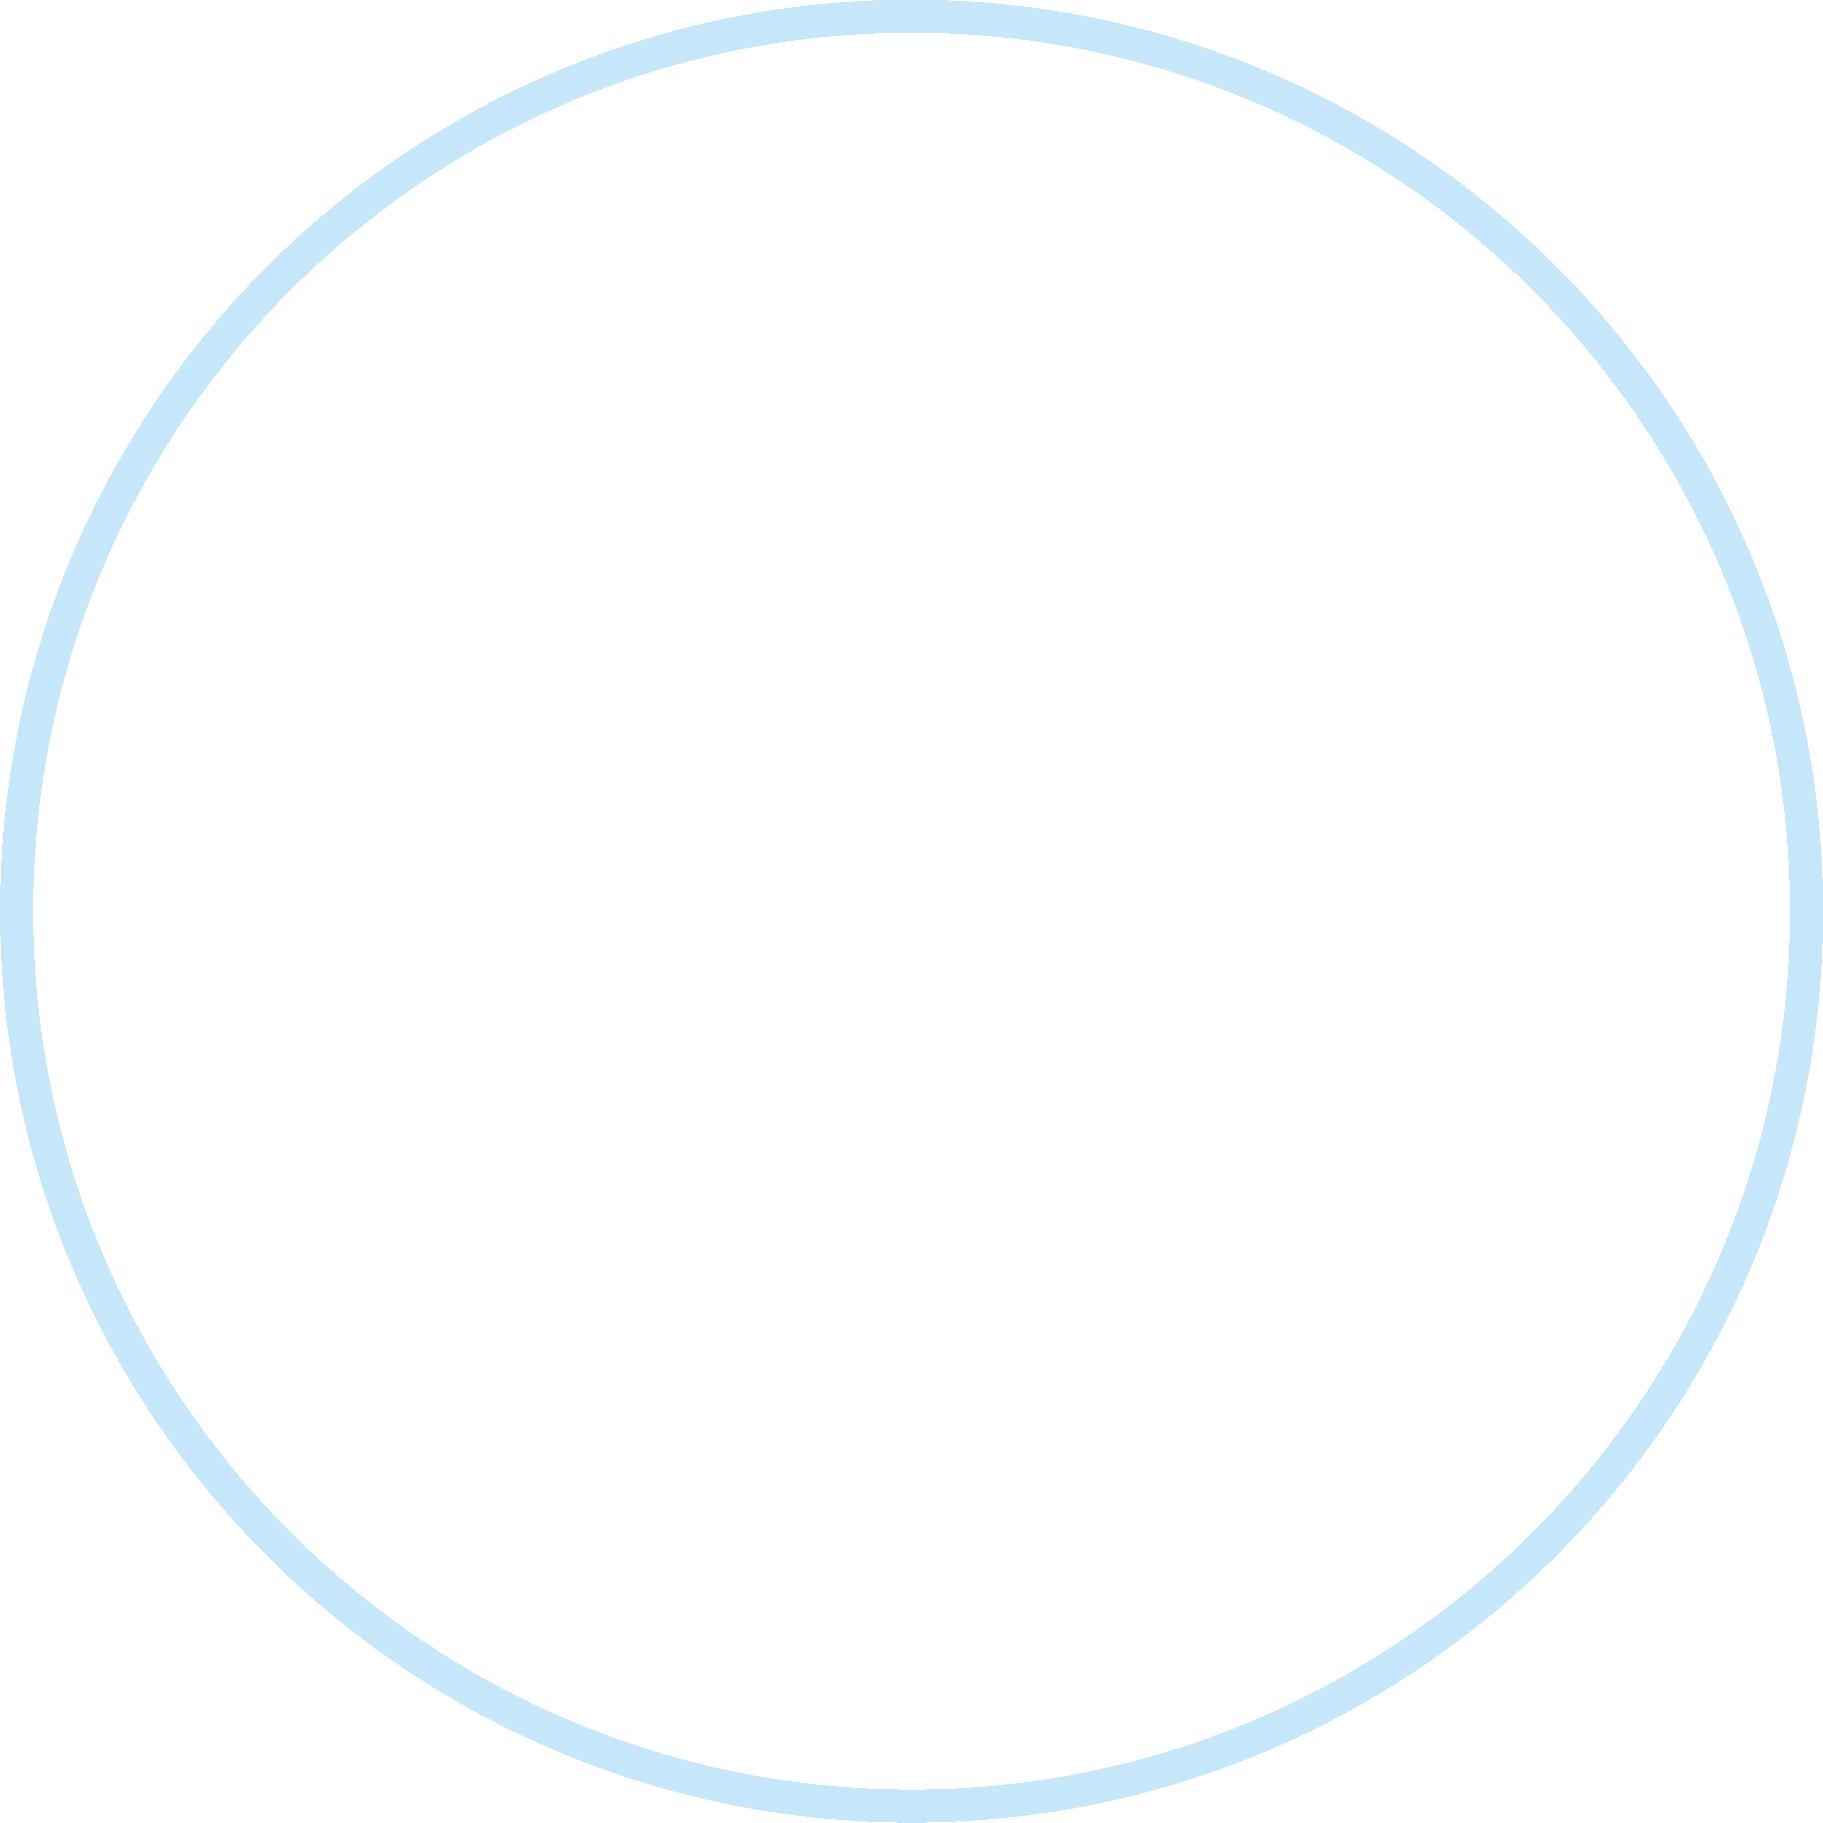 cercle-bleu-clair-lovagame